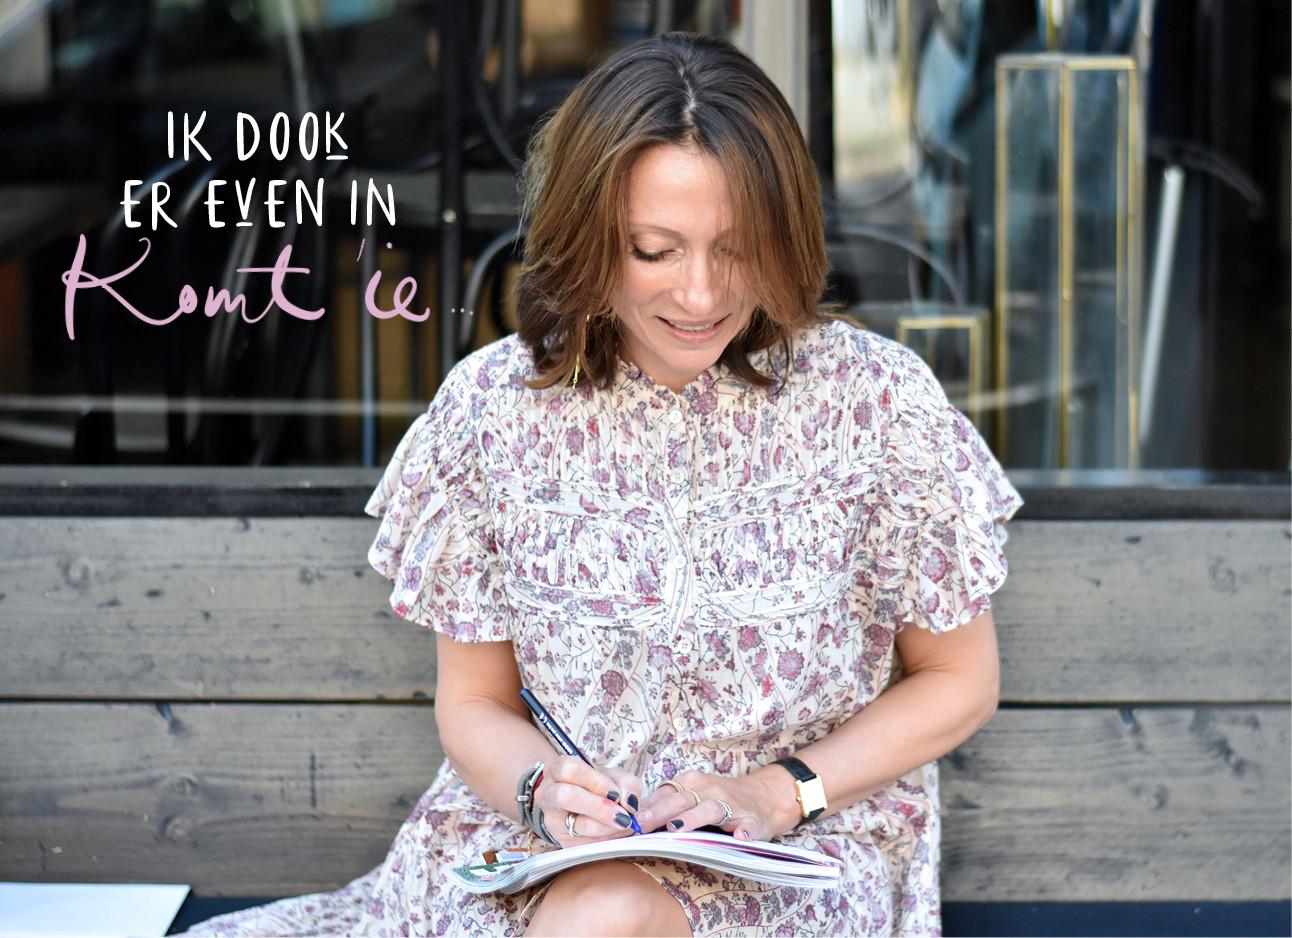 May zittend op een bankje in bloemige jurk kijkend naar een schrift